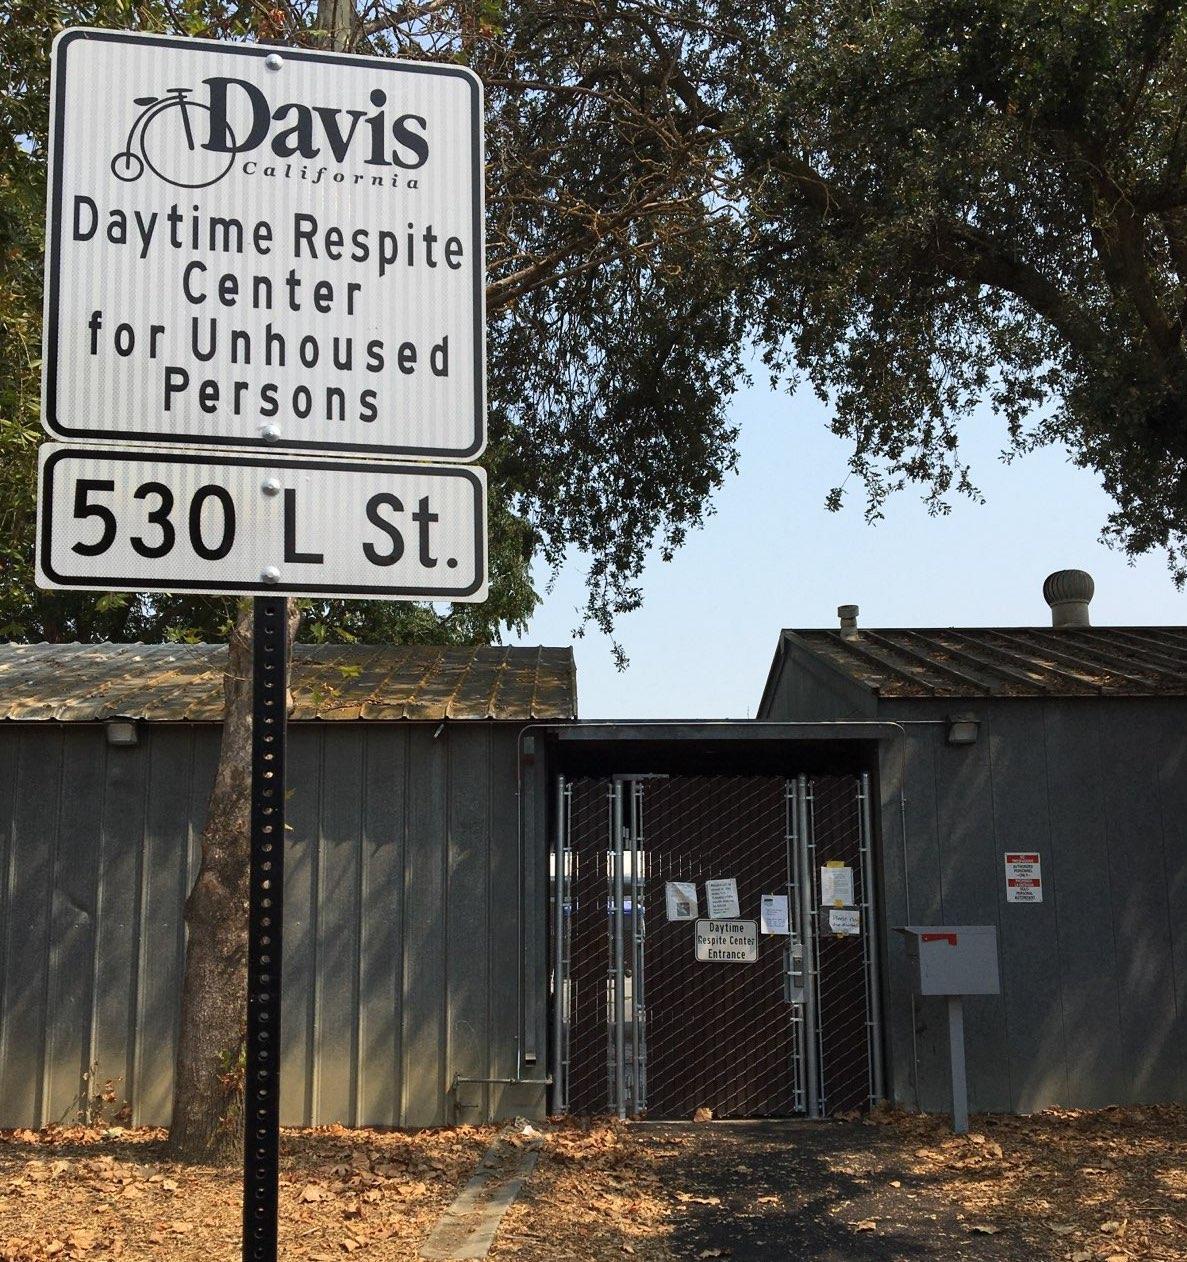 Respite Center in Davis, August 2020